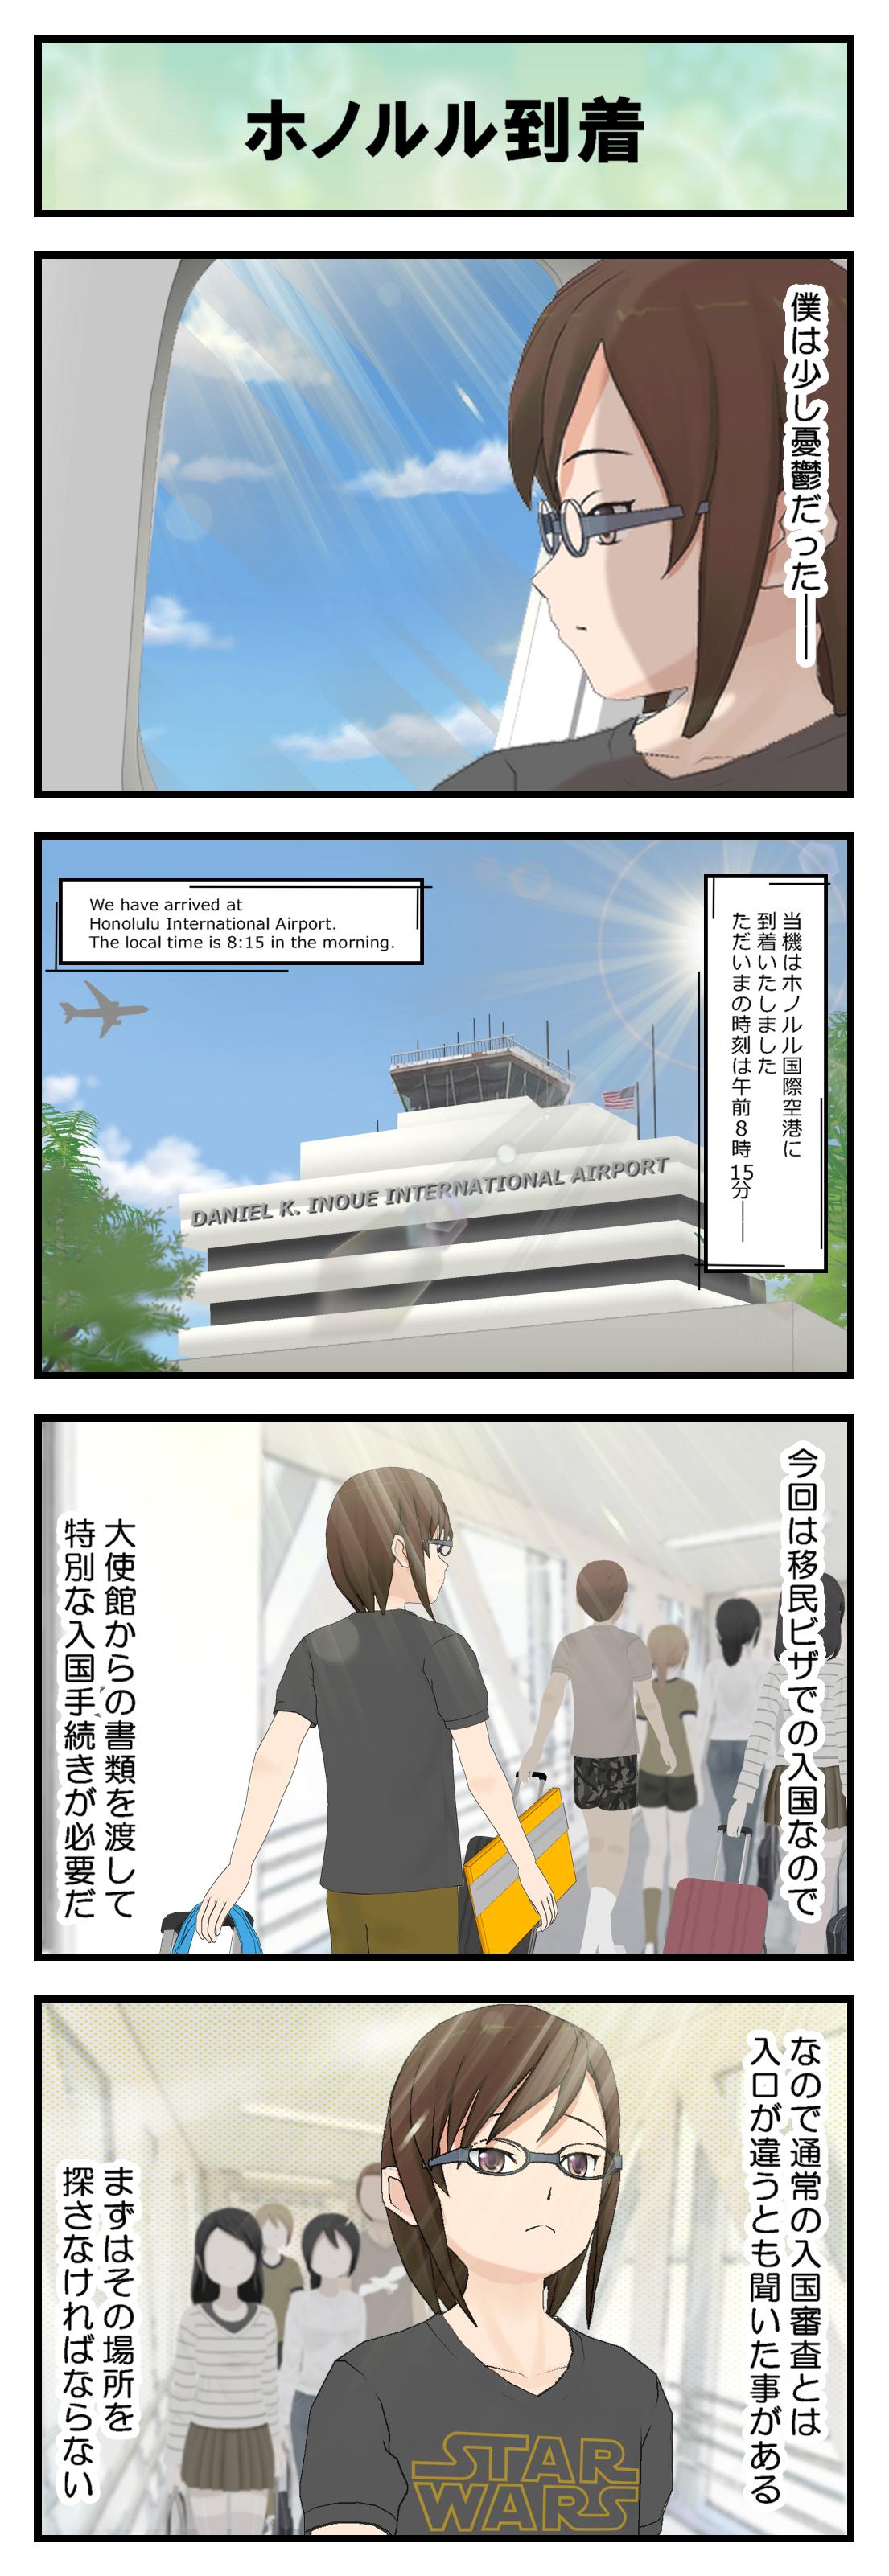 R001_ホノルル空港到着_001